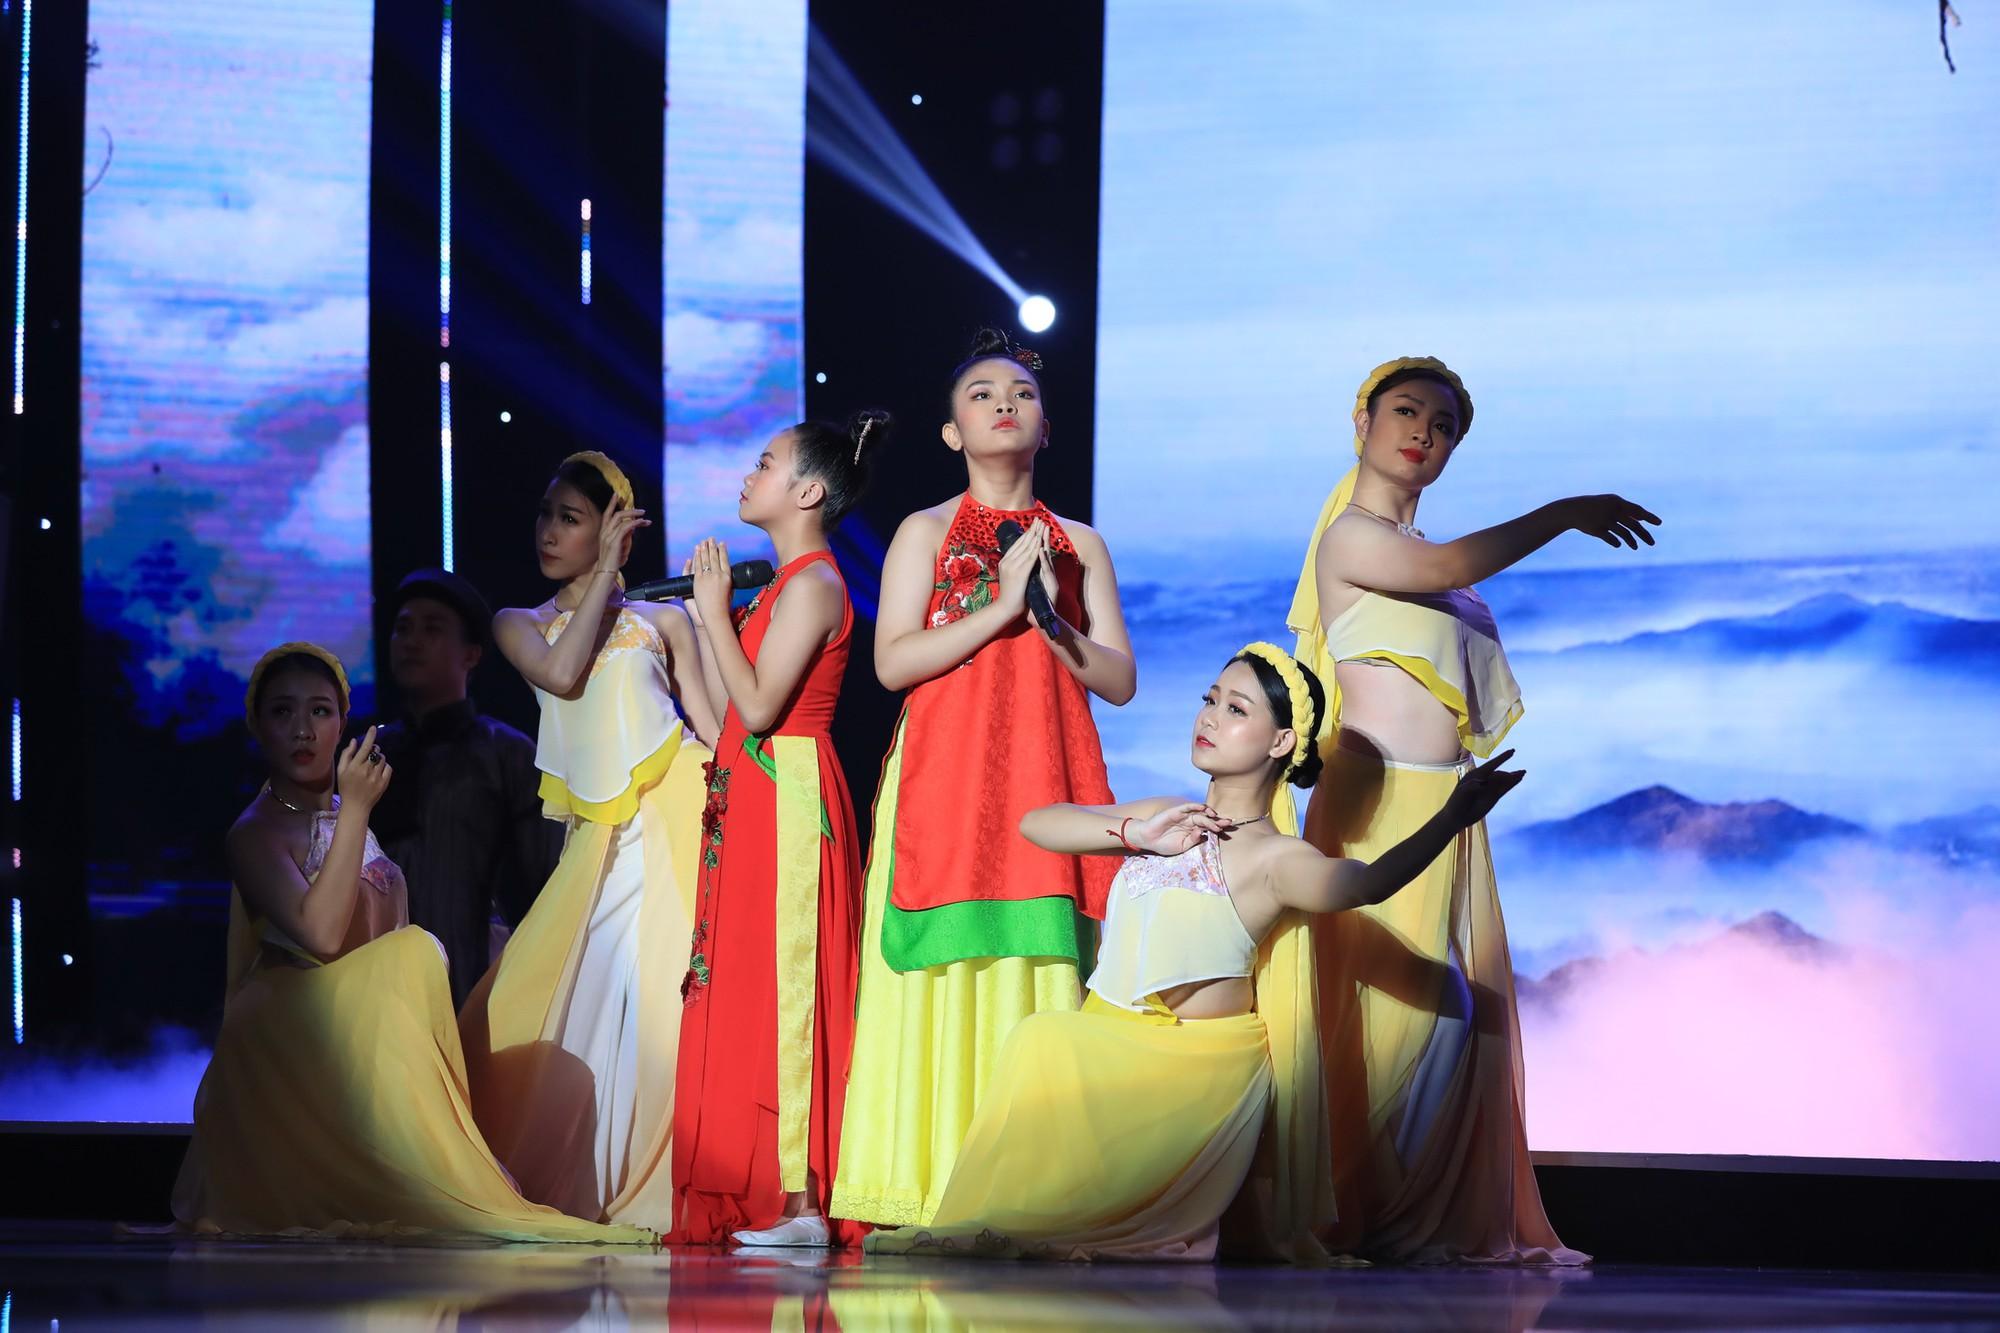 Tuyệt đỉnh song ca nhí 2019 kết thúc với chiến thắng của đội Hồ Việt Trung - Diệu Nhi - Ảnh 12.